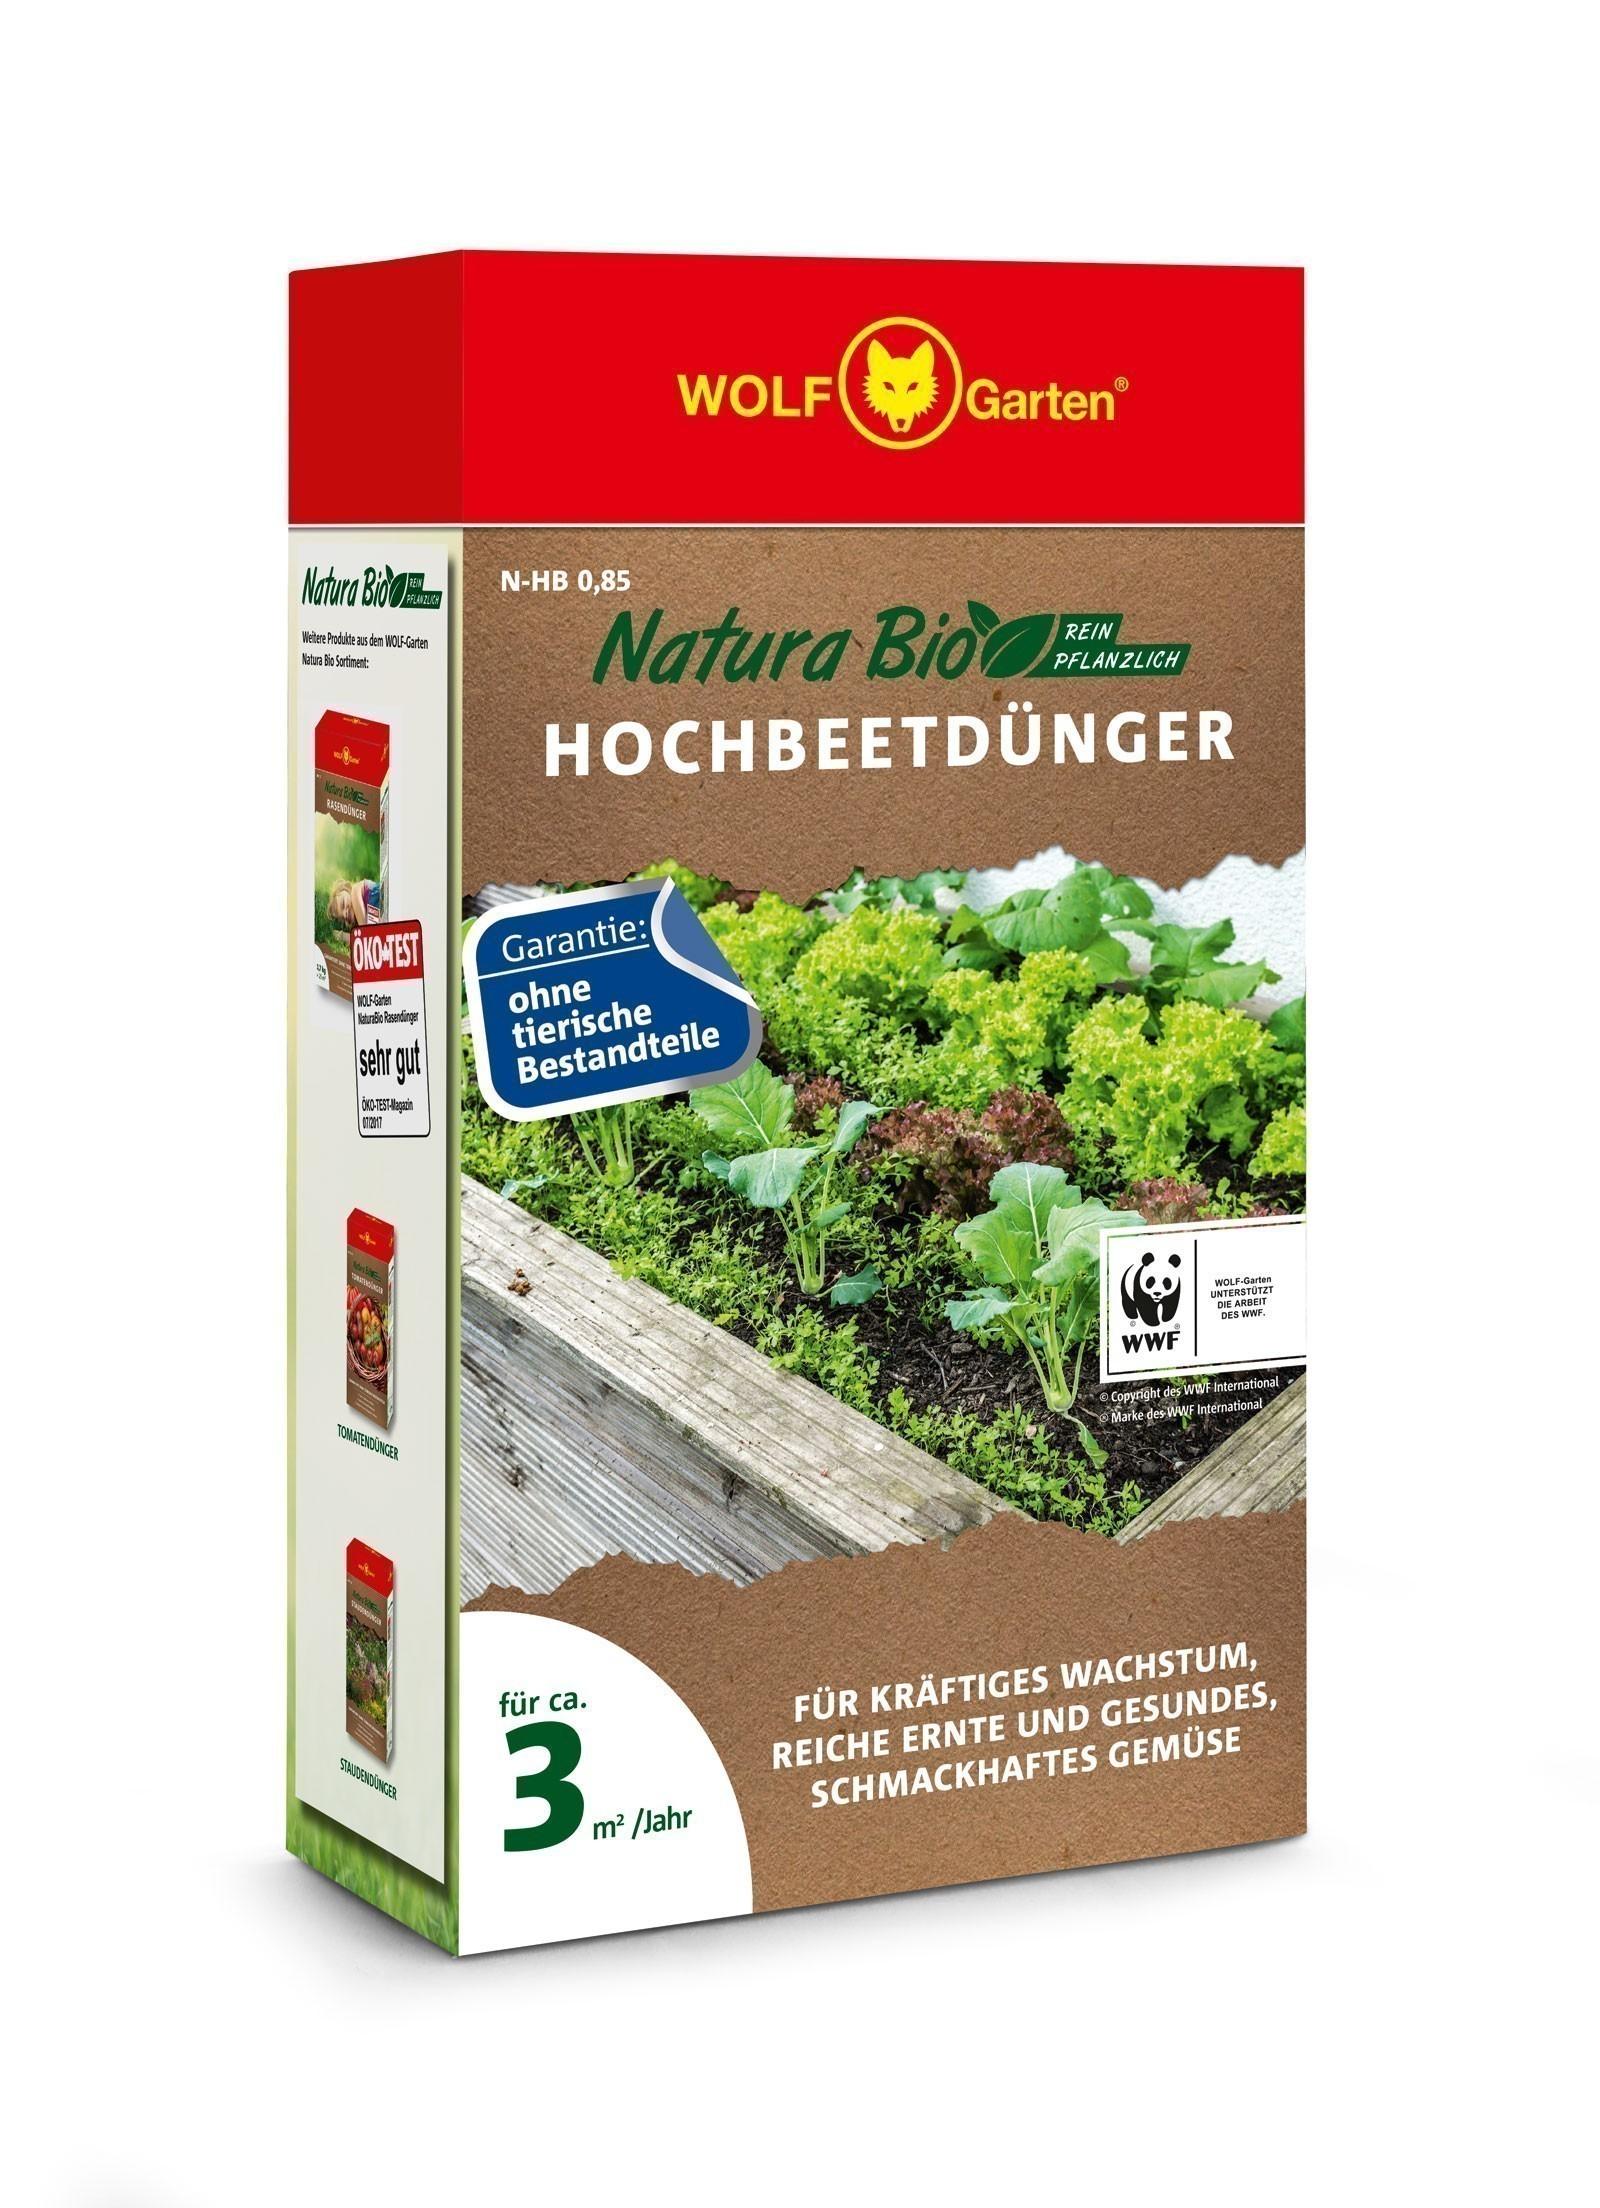 Wolf Garten Natura Bio Hochbeetdünger N-HB 0,85 für 3m² Bild 1